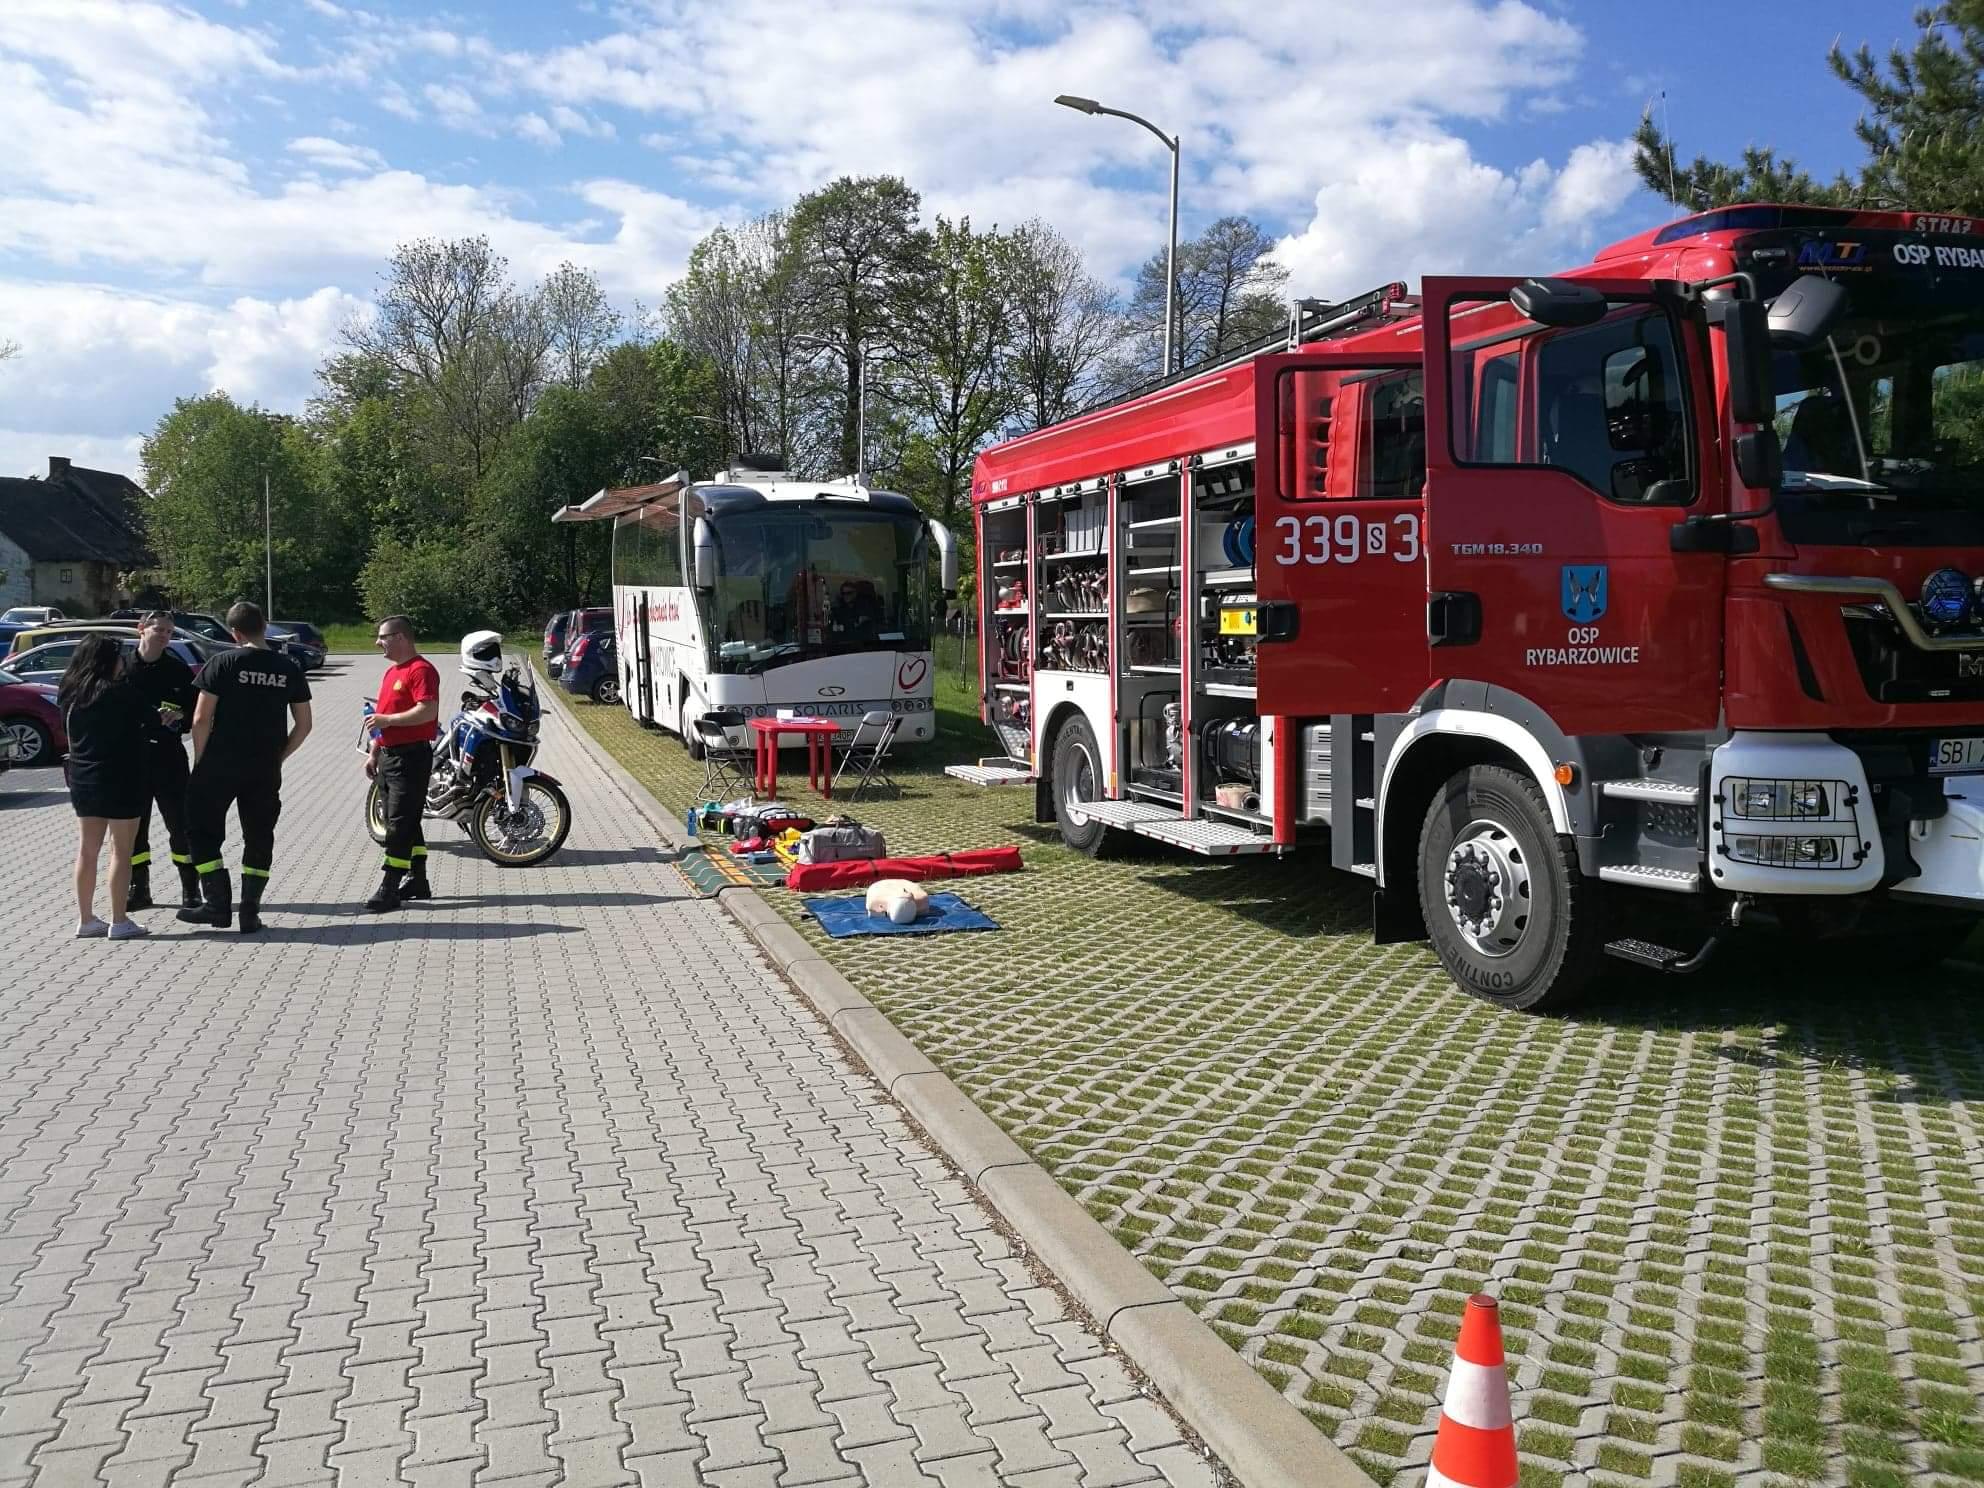 Strażacy prowadzą między sobą rozmowę, obok nich rozłożone są rekwizyty do ćwiczeń z udzielania pierwszej pomocy